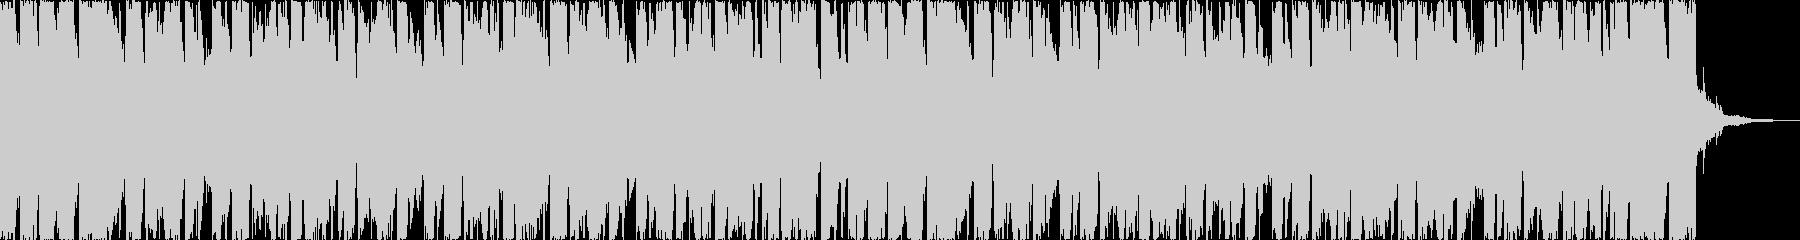 チルアウト軽快爽やかなトロピカルハウスgの未再生の波形